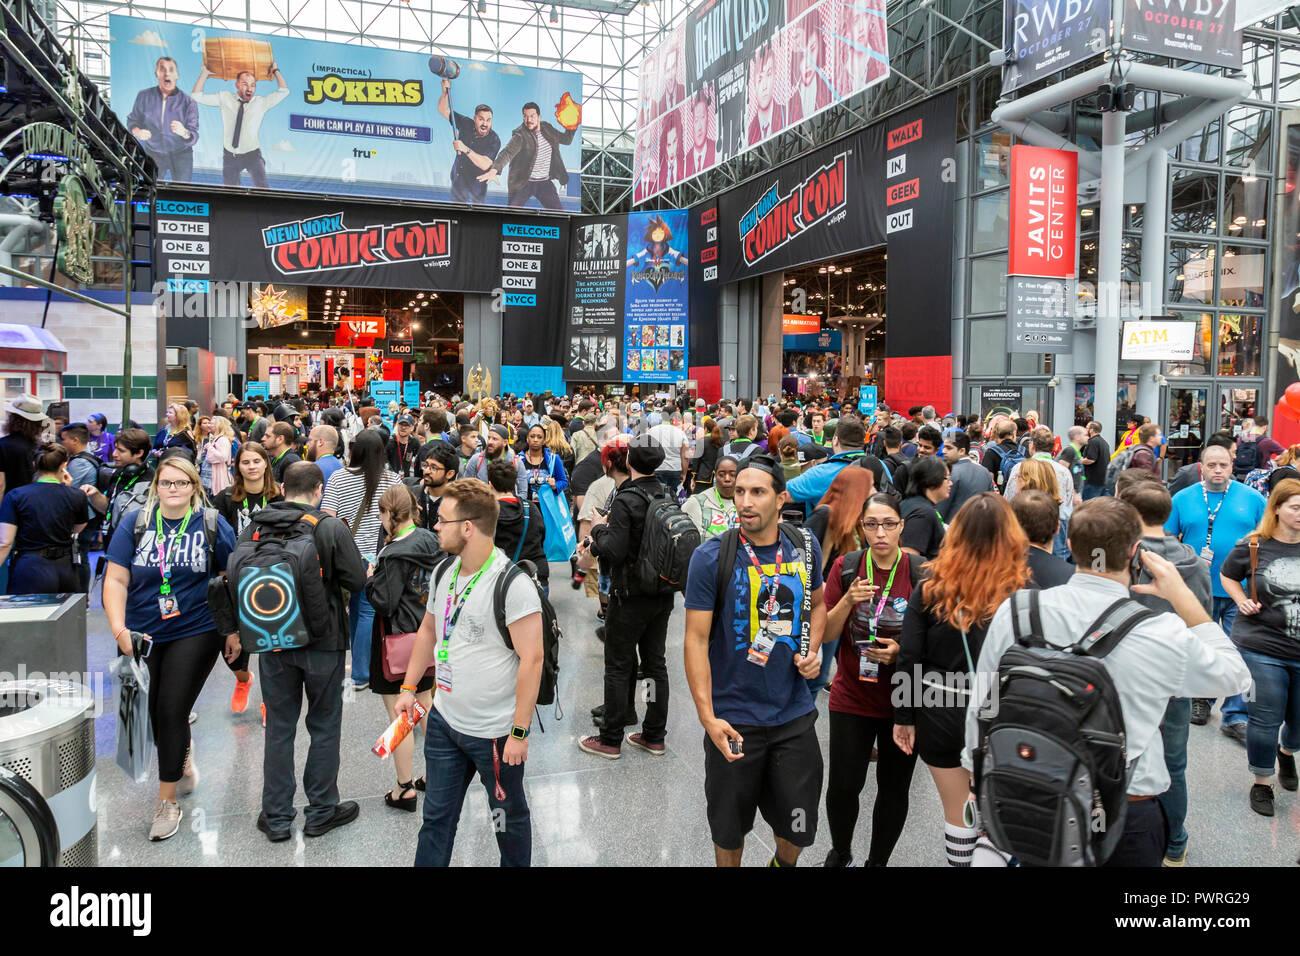 Eine Masse von Besuchern und Fans auf der New York Comic Con Comic und Film. Stockfoto